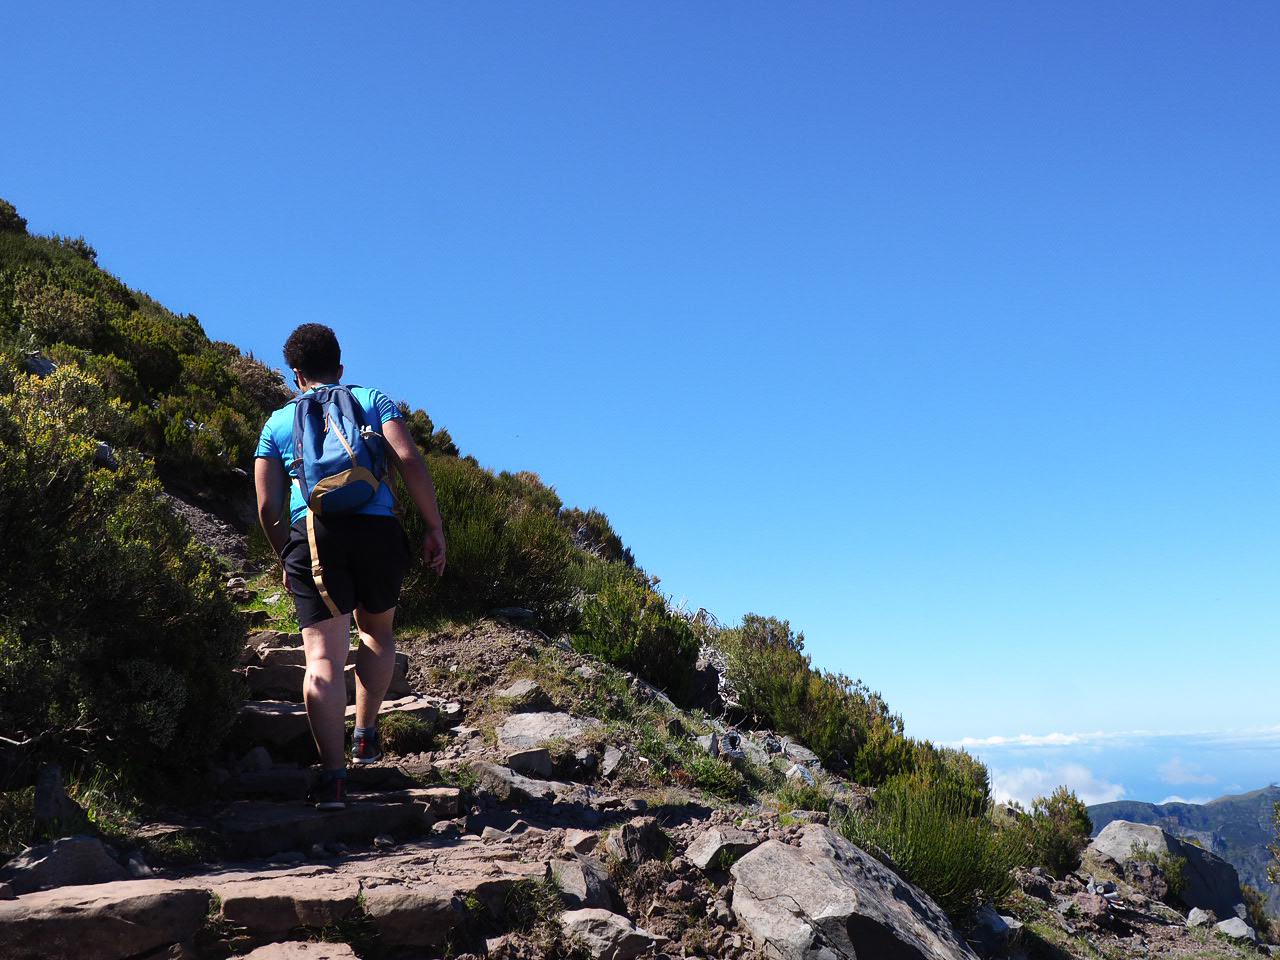 vers le sommet de la randonnée du pico ruivo madère